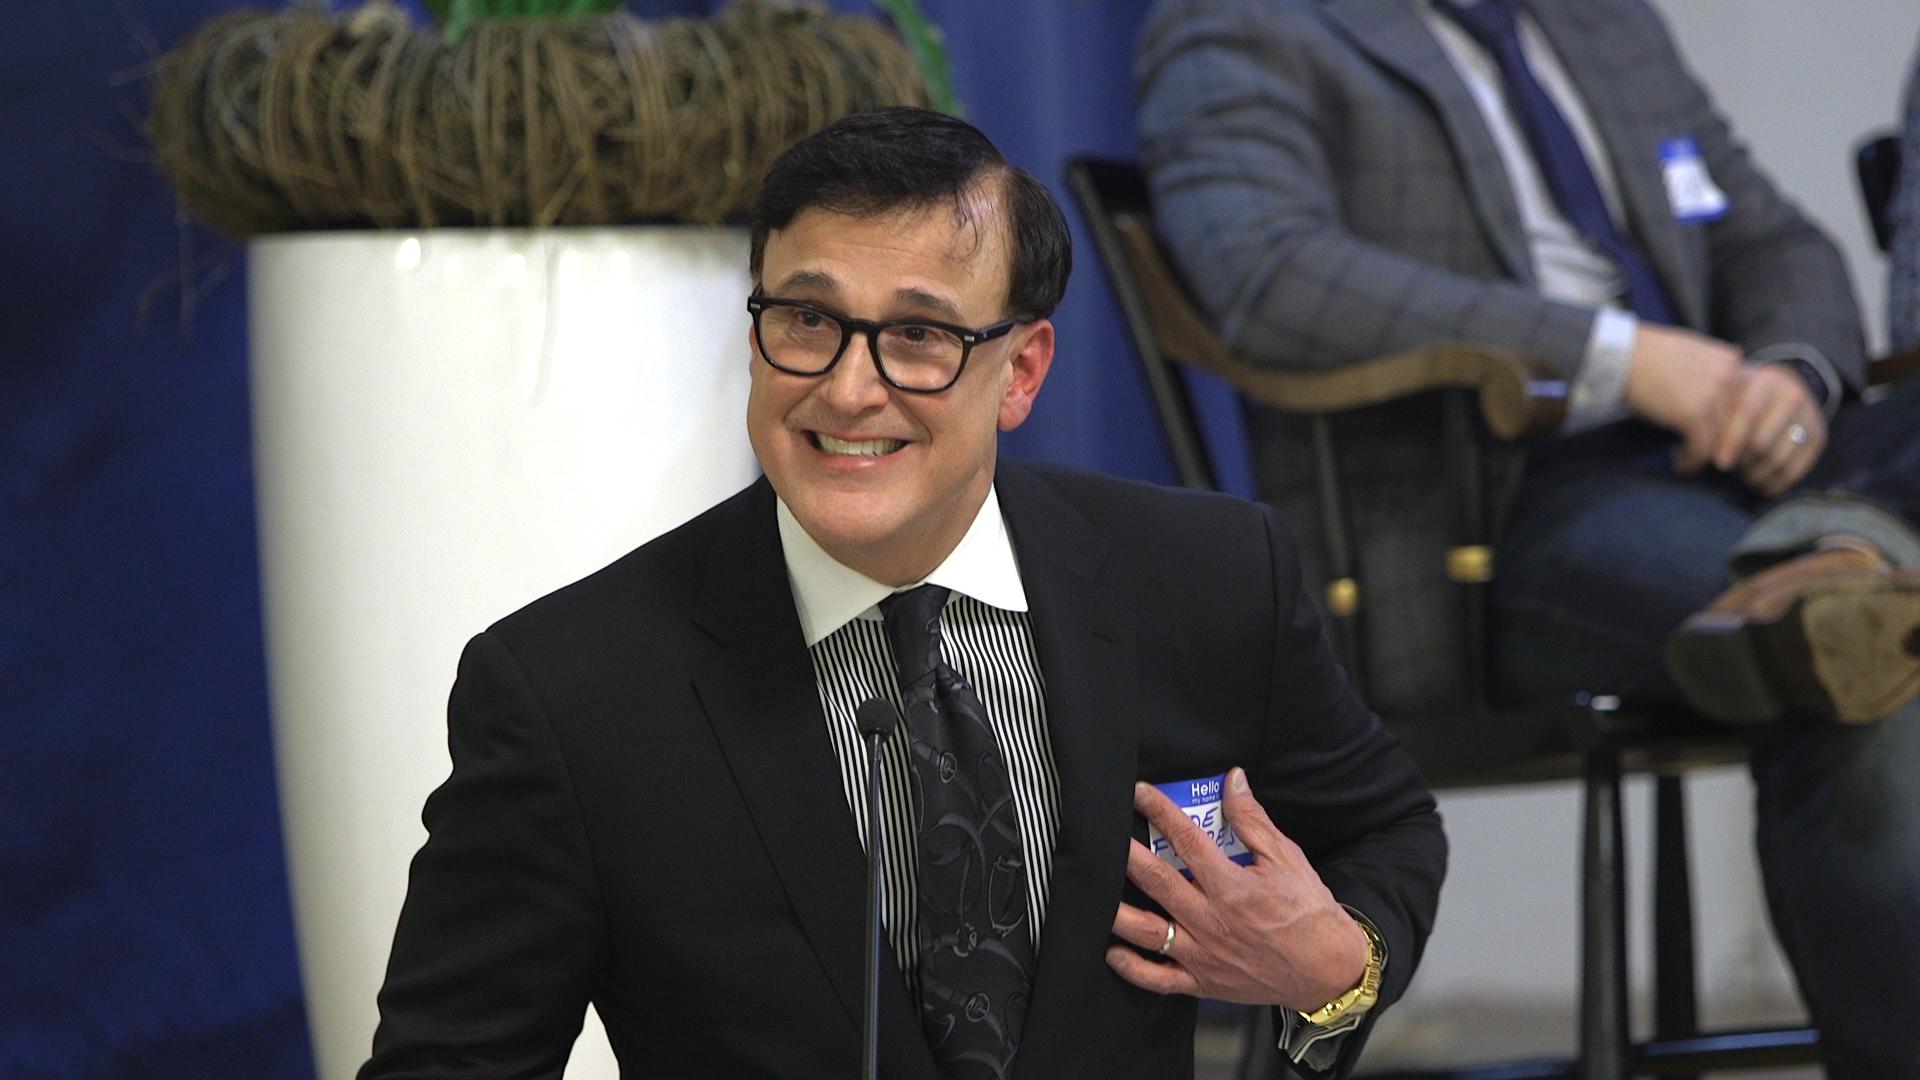 Dr. Joe Flores